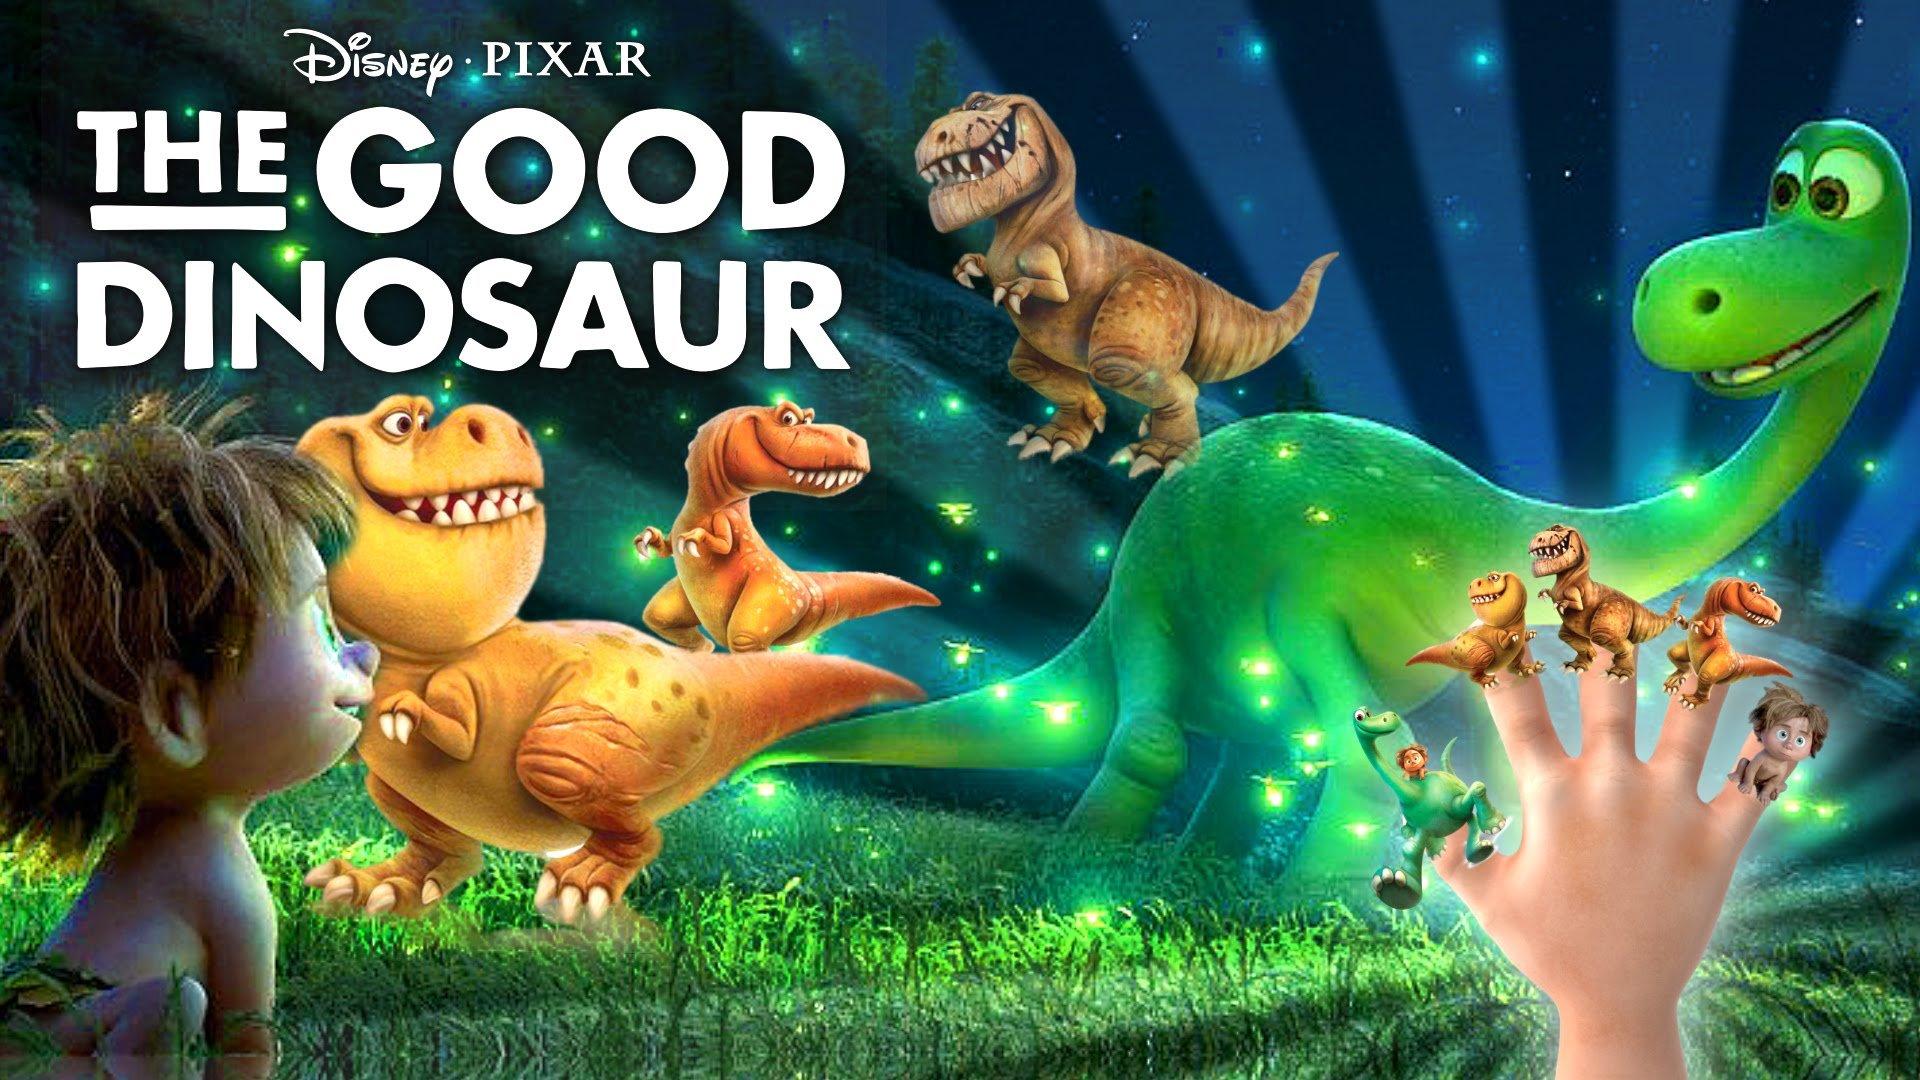 good dinosaur animation fantasy cartoon family comedy